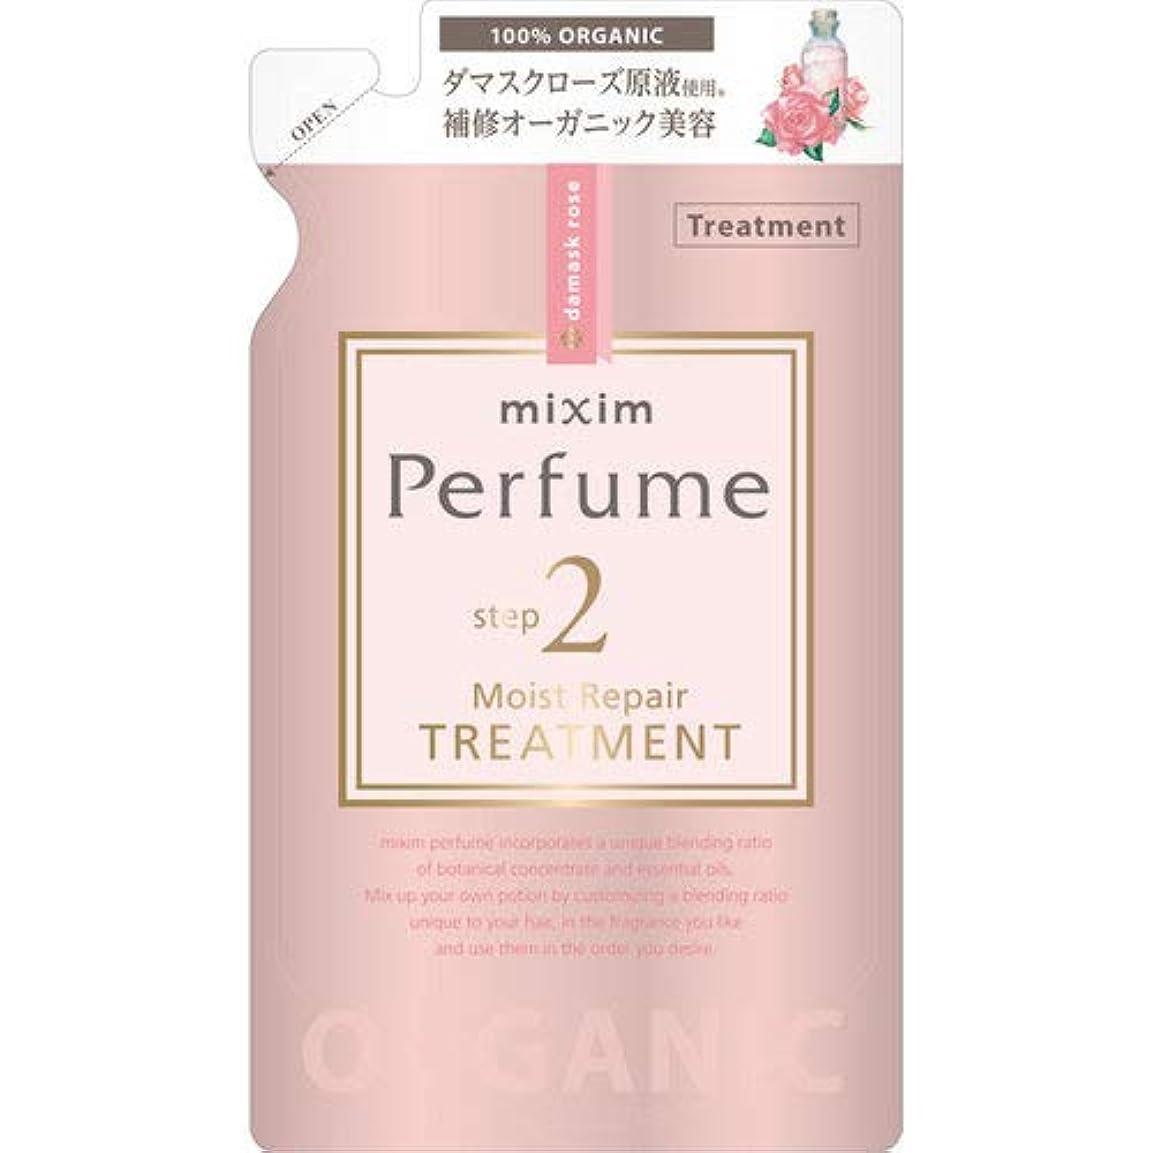 森林オンスマウントmixim Perfume(ミクシムパフューム) モイストリペア ヘアトリートメントつめかえ用 350g